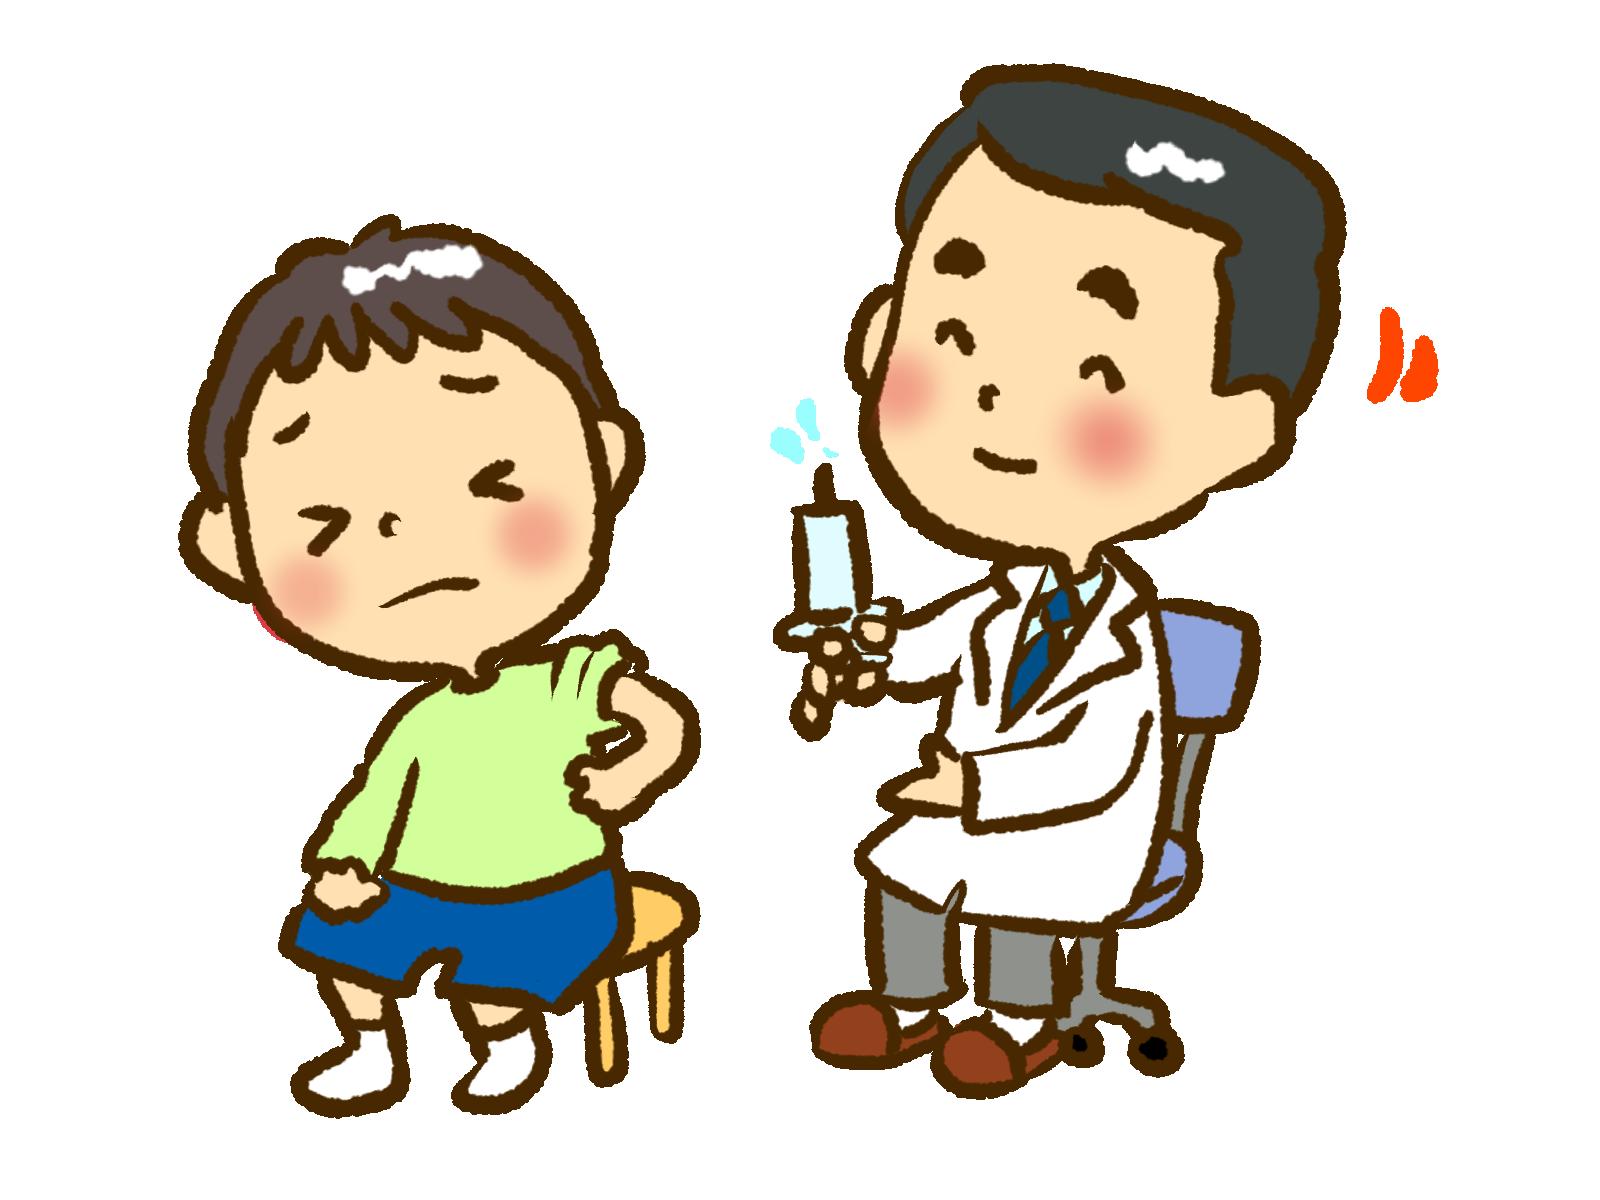 前年のインフルエンザワクチンは、次の年のインフルエンザワクチンの効果を改善するか?